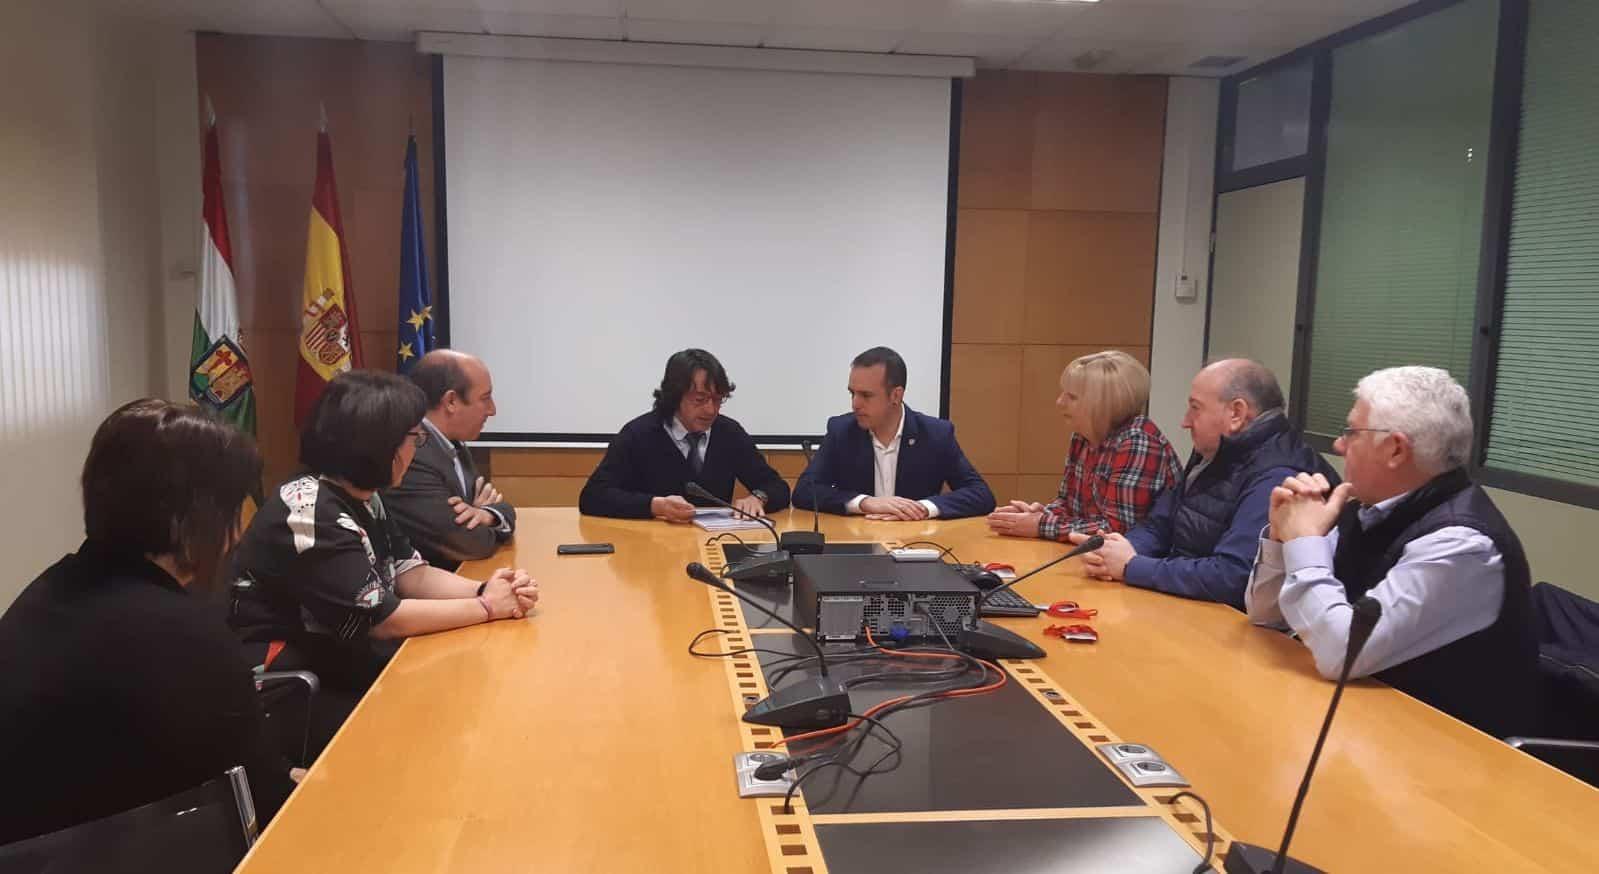 El Gobierno de La Rioja entrega a Nájera el proyecto para la estabilización del talud de Peñaescalera 1